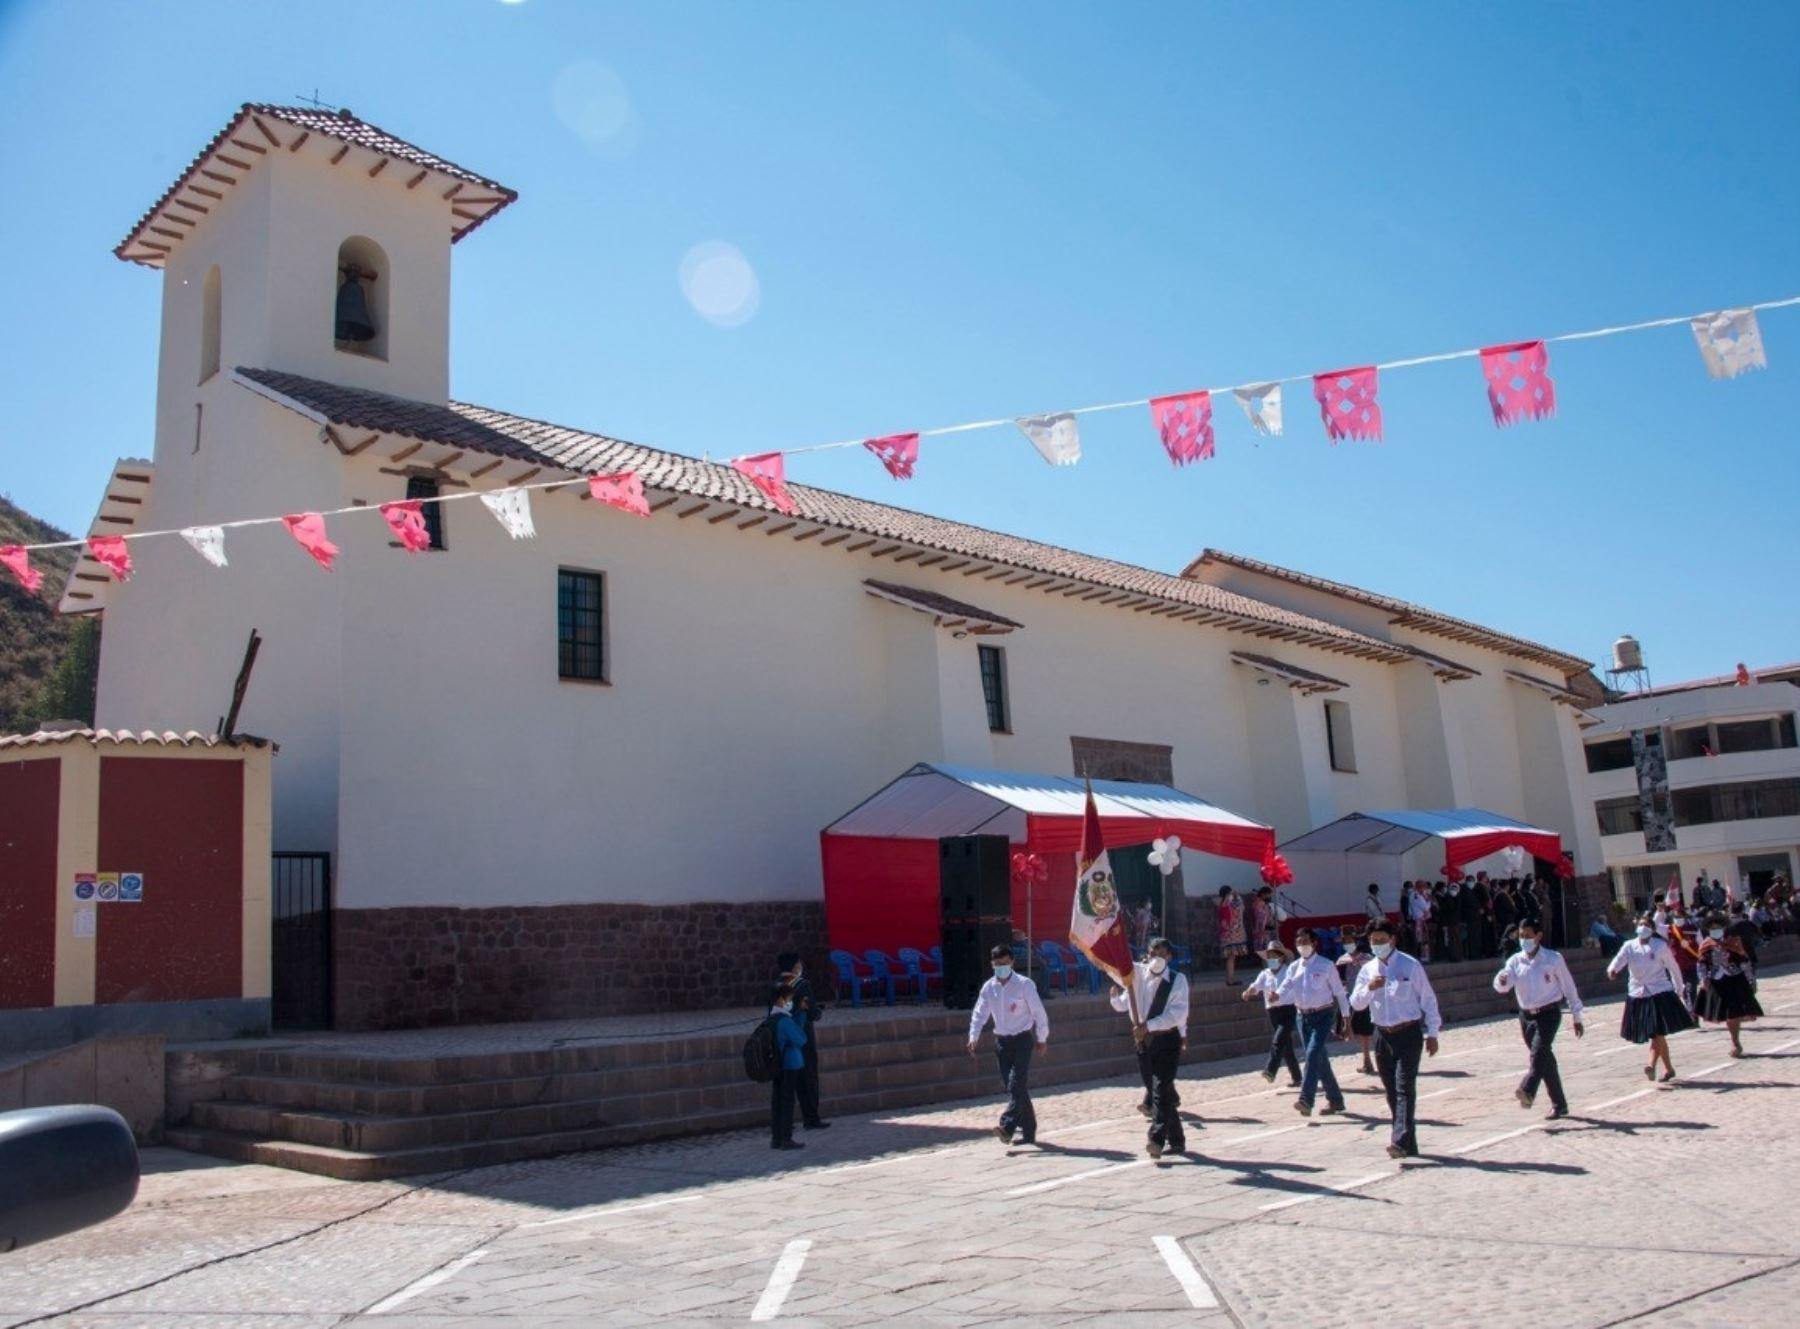 Especialistas de la Dirección de Cultura de Cusco culminaron la restauración del templo colonial San Pedro de Cacha, ubicado en la provincia cusqueña de Canchis. Foto: ANDINA/difusión.